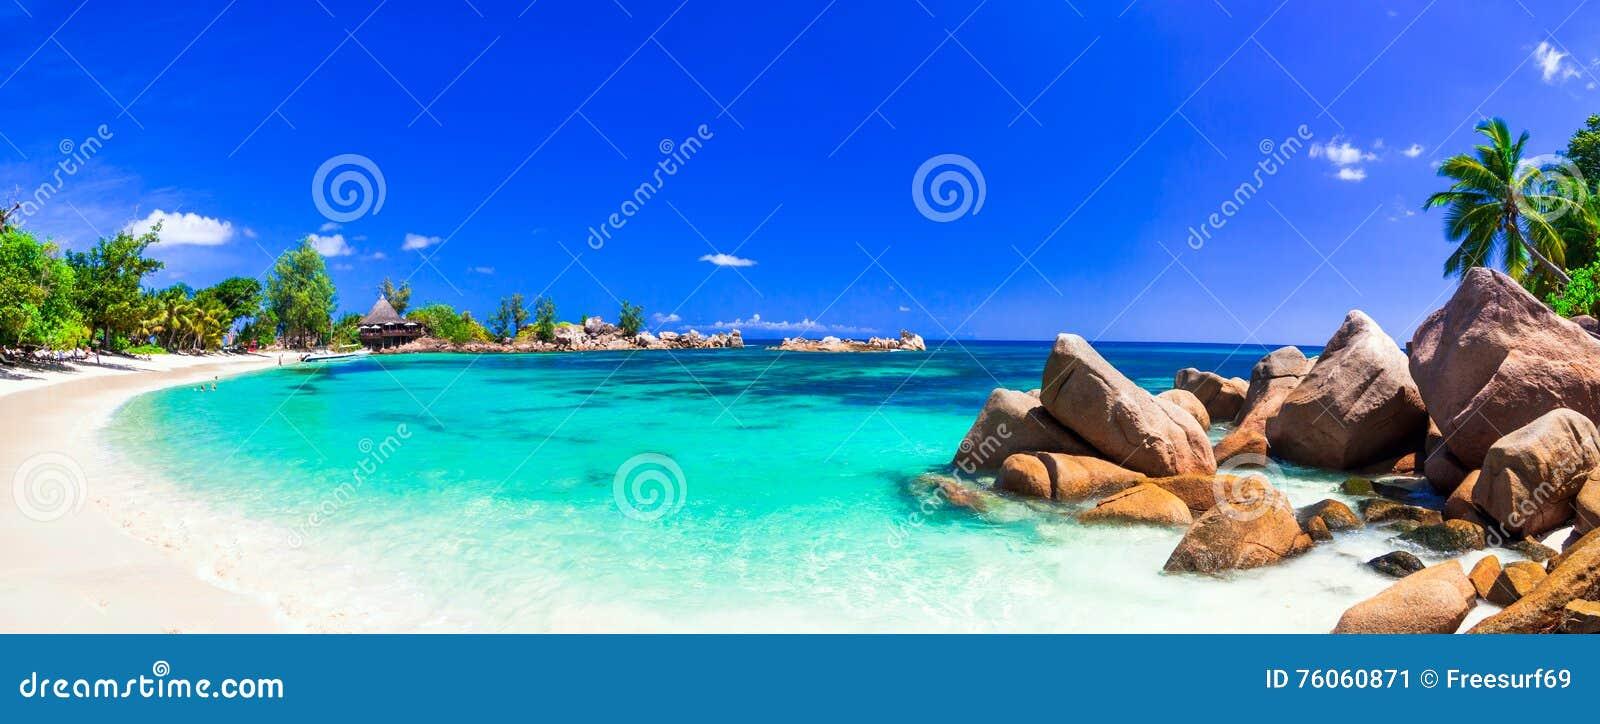 在天堂海滩的惊人的热带假日塞舌尔群岛, Pras